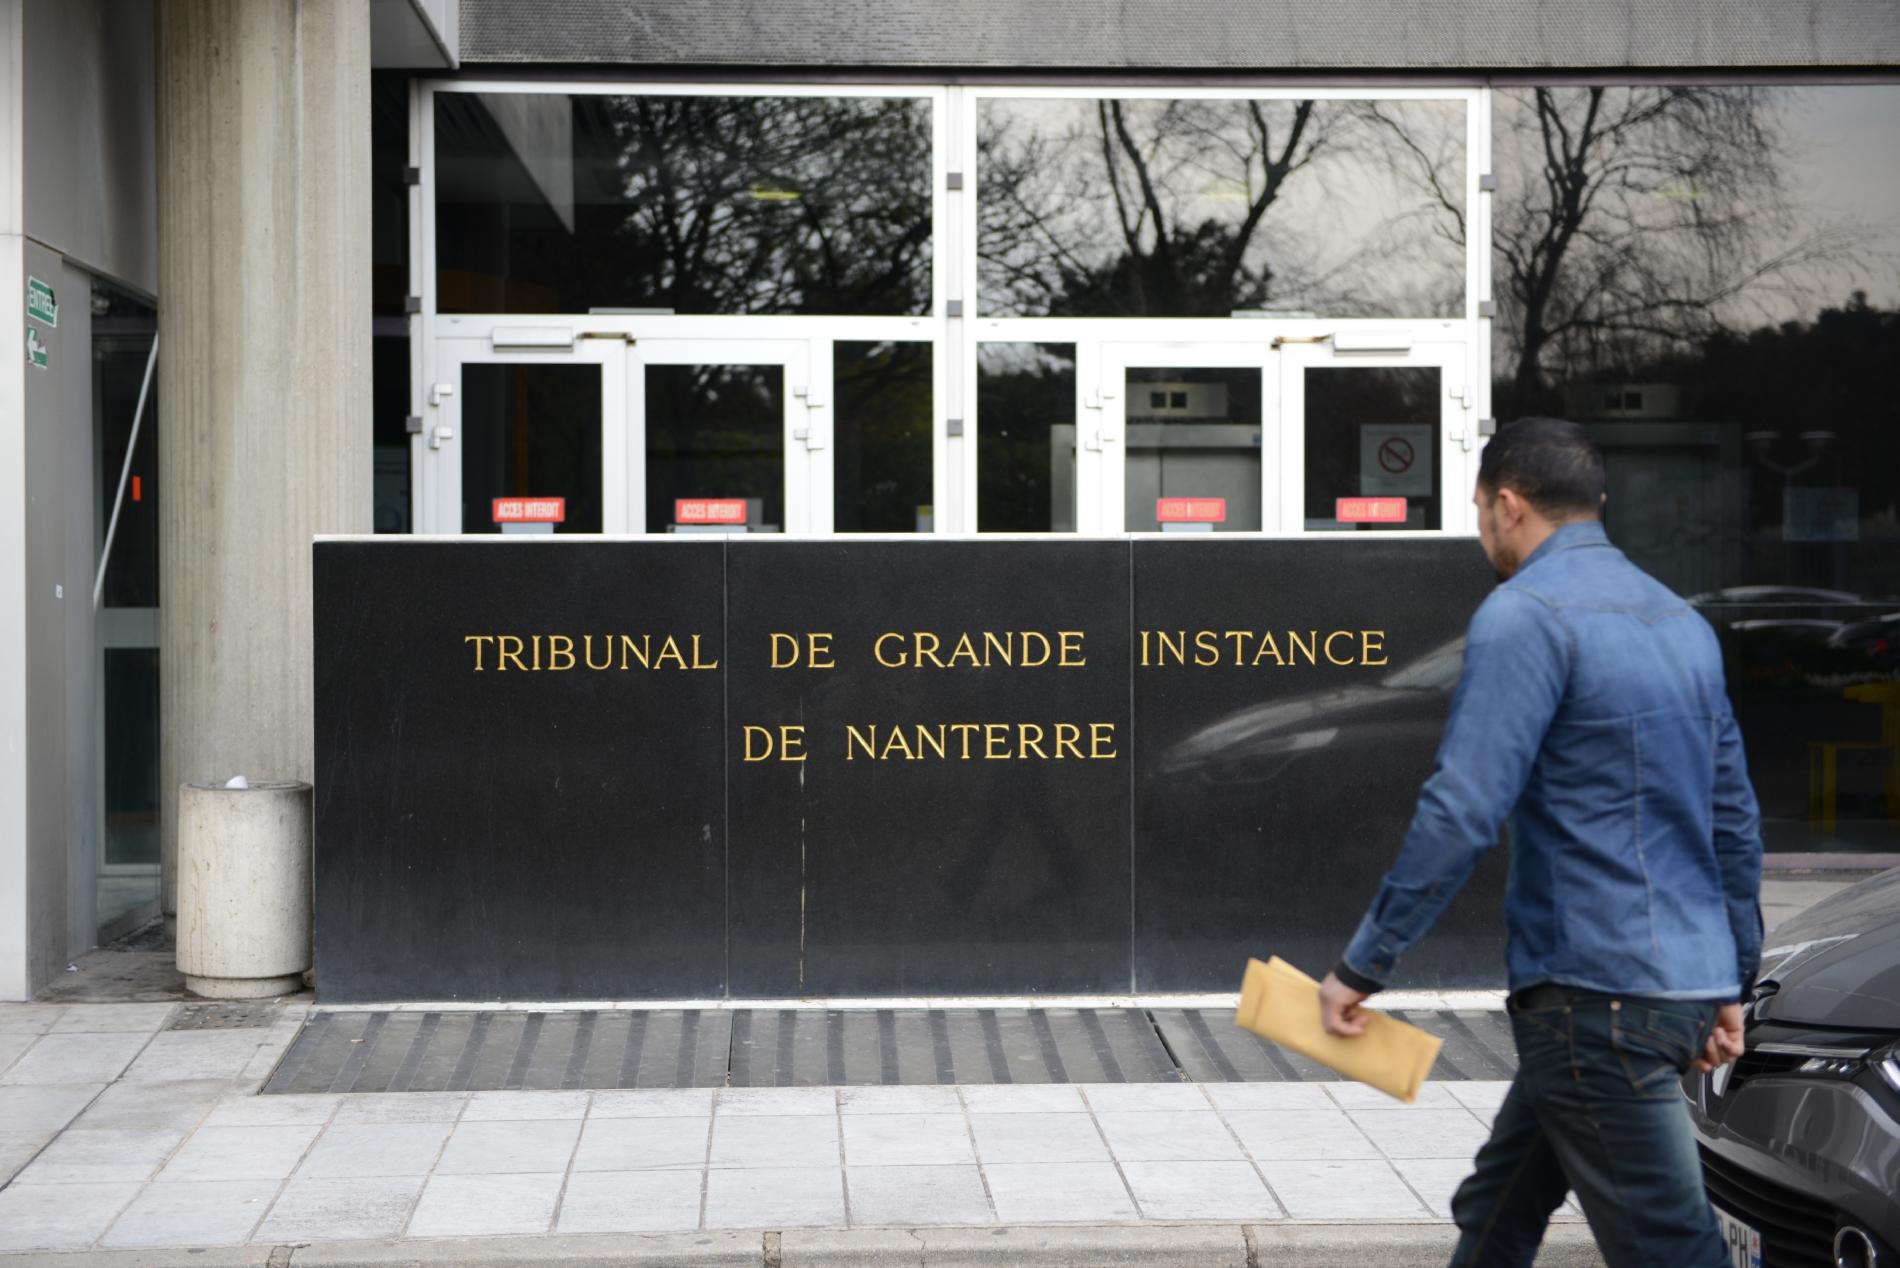 Accus d tre un frotteur dans le m tro il est relax - Tribunal de grande instance de strasbourg chambre commerciale ...